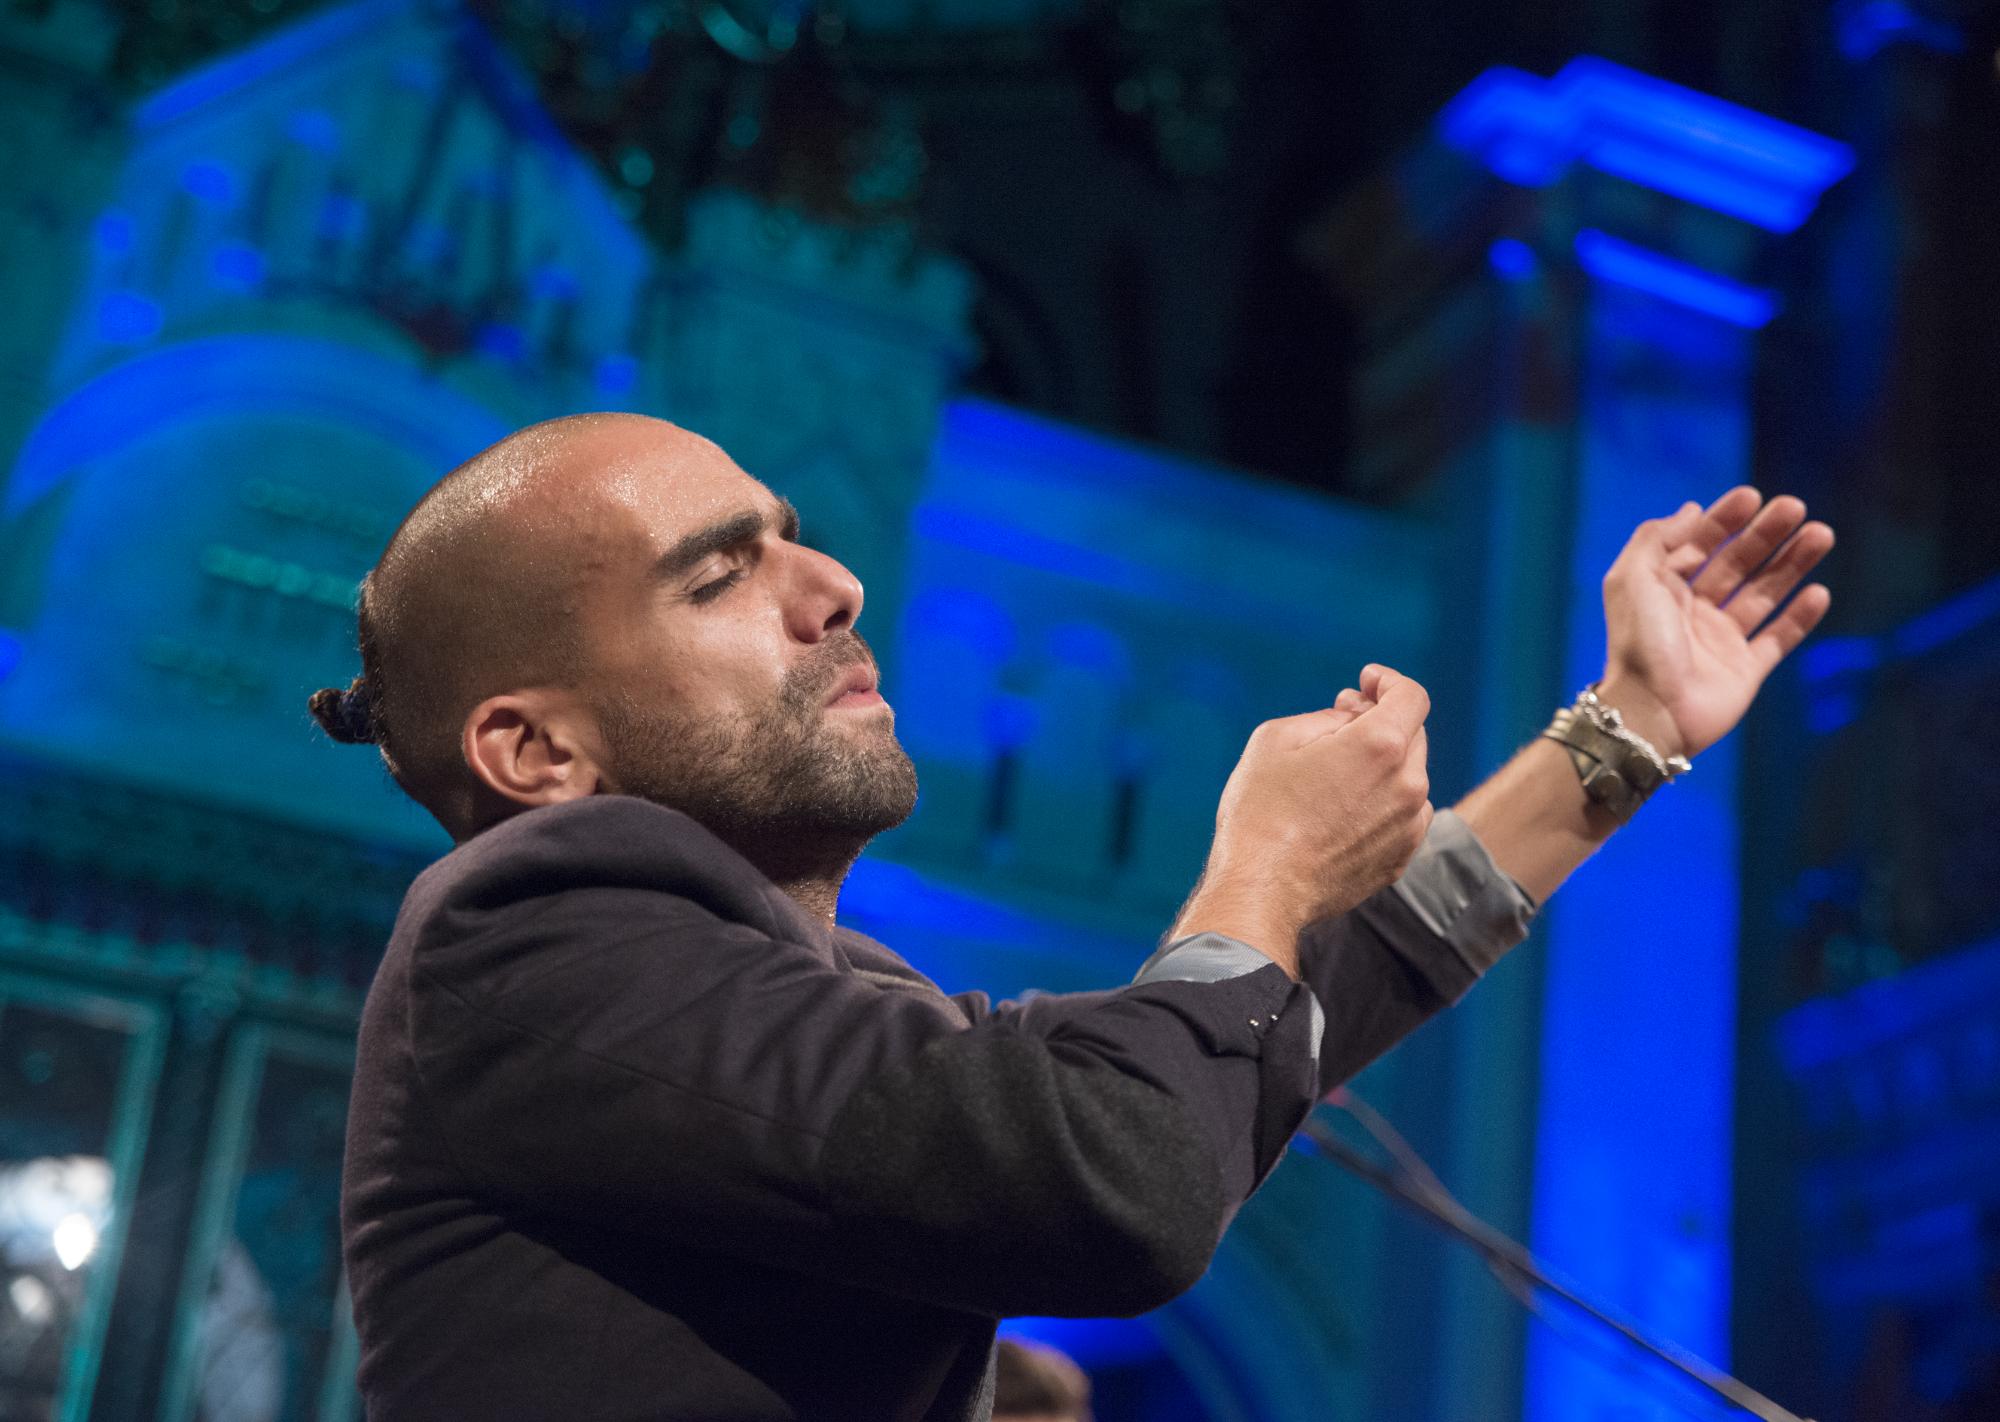 פרשנות חדשה למסורת נשית עתיקה – ראיון עם יגאל גולסא מזרחי מלהקת GULAZA